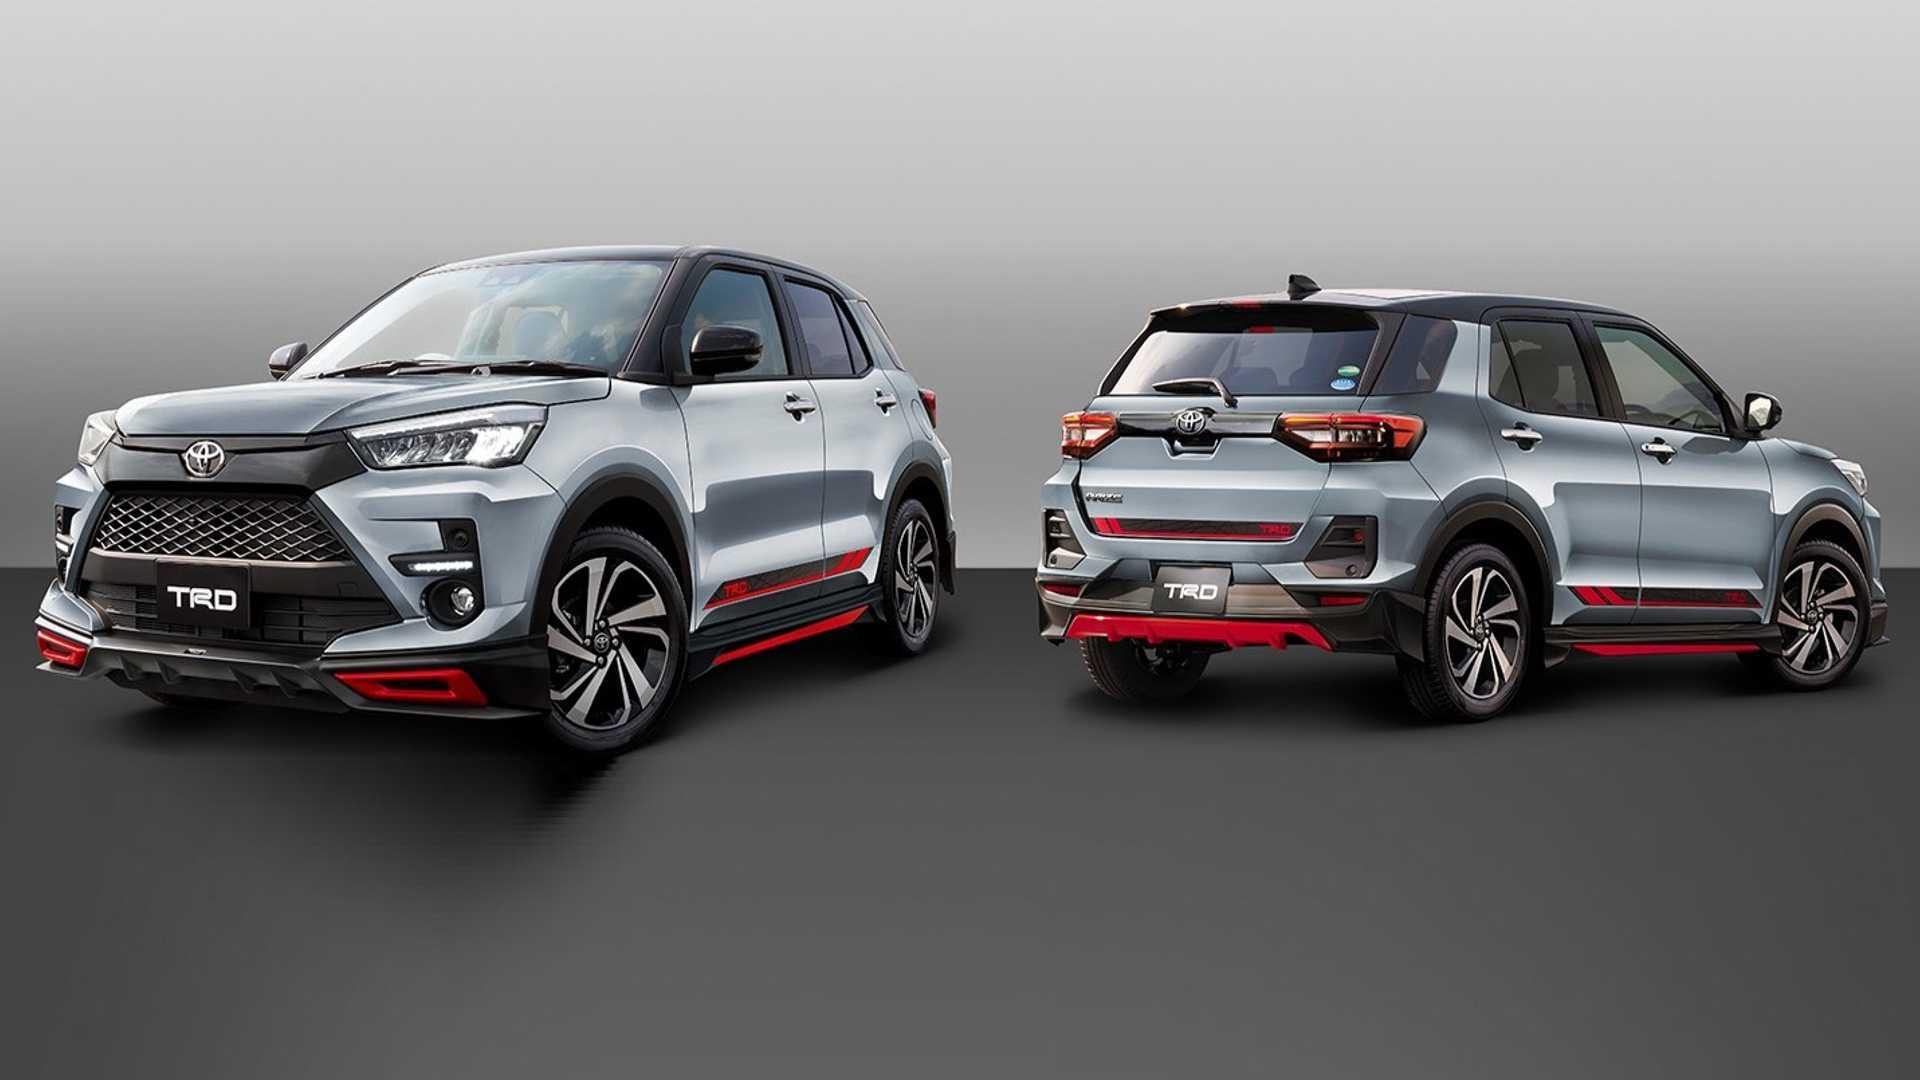 5 Mobil Terbaru 2021, Bakal Banyak Masuk Promo Toyota Ga Ya?